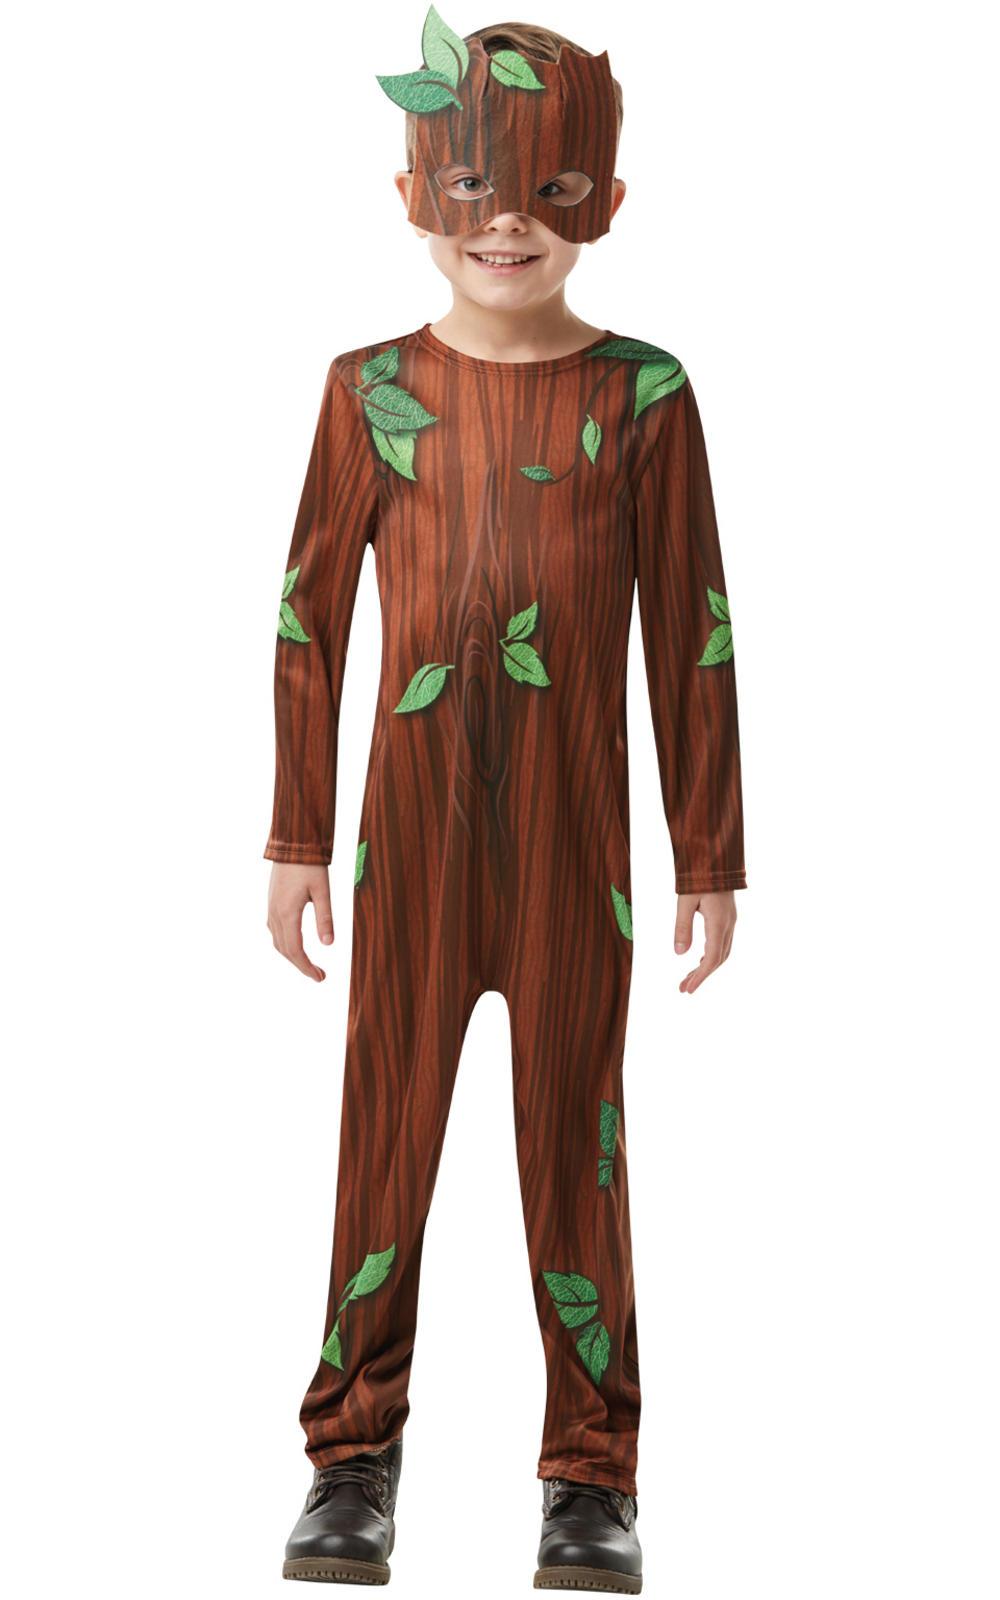 Twig Boy Costume